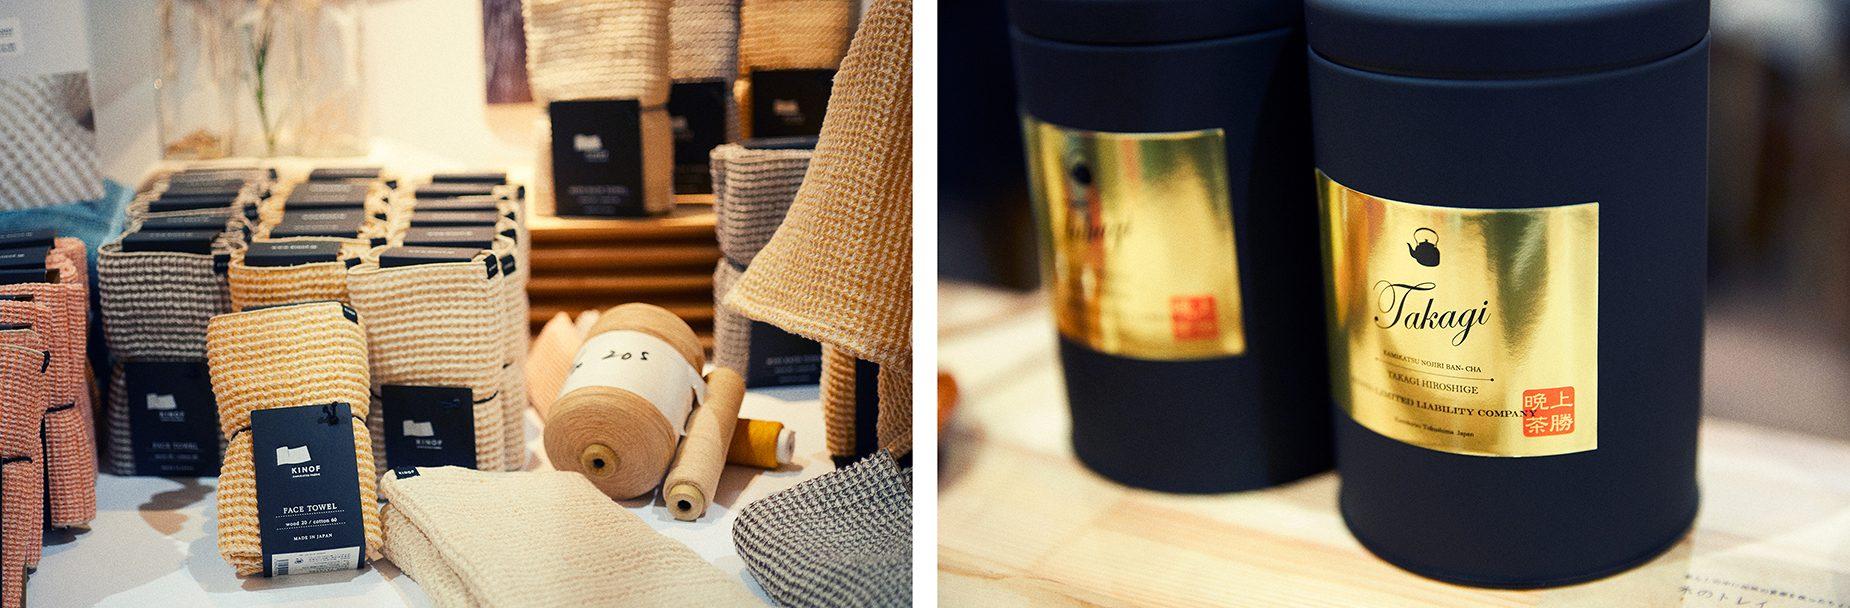 (写真左)「まち/ひと/しごと」で初お披露目となった、徳島県上勝町から発信するファブリックブランド「KINOF」。 山あいにある上勝町の木を使い、糸の紡績から製織・縫製までを国内にて加工。 (写真右) 乳酸発酵という独自の製法でつくられ、長い歴史のある阿波番茶。上勝町と徳島県のごく一部でしか生産されない貴重なお茶は、カフェインが少なく、妊娠している方も安心して飲める。